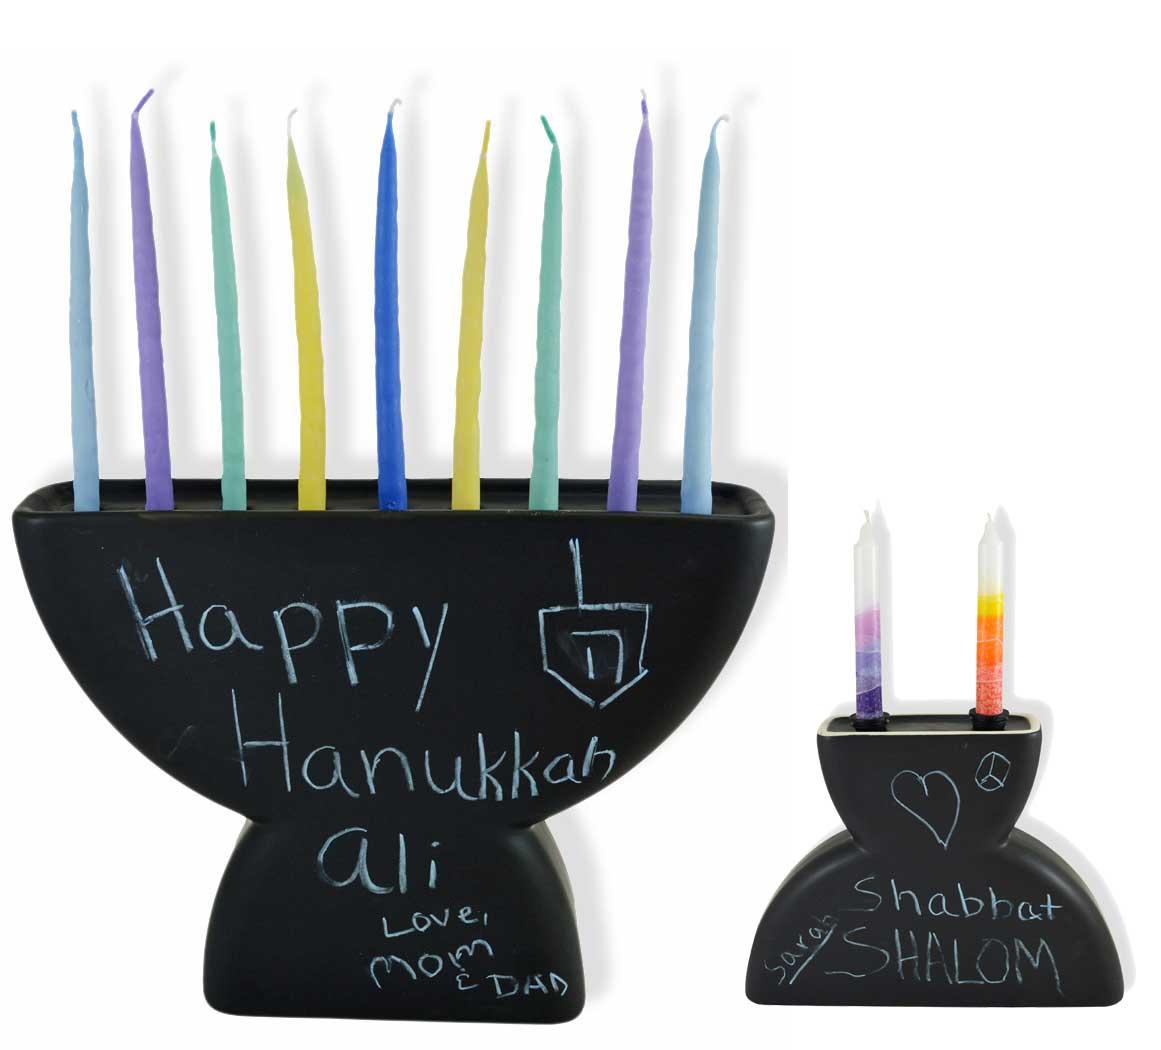 Chalkboard Menorah, $19 @traditionsjewishgifts.com